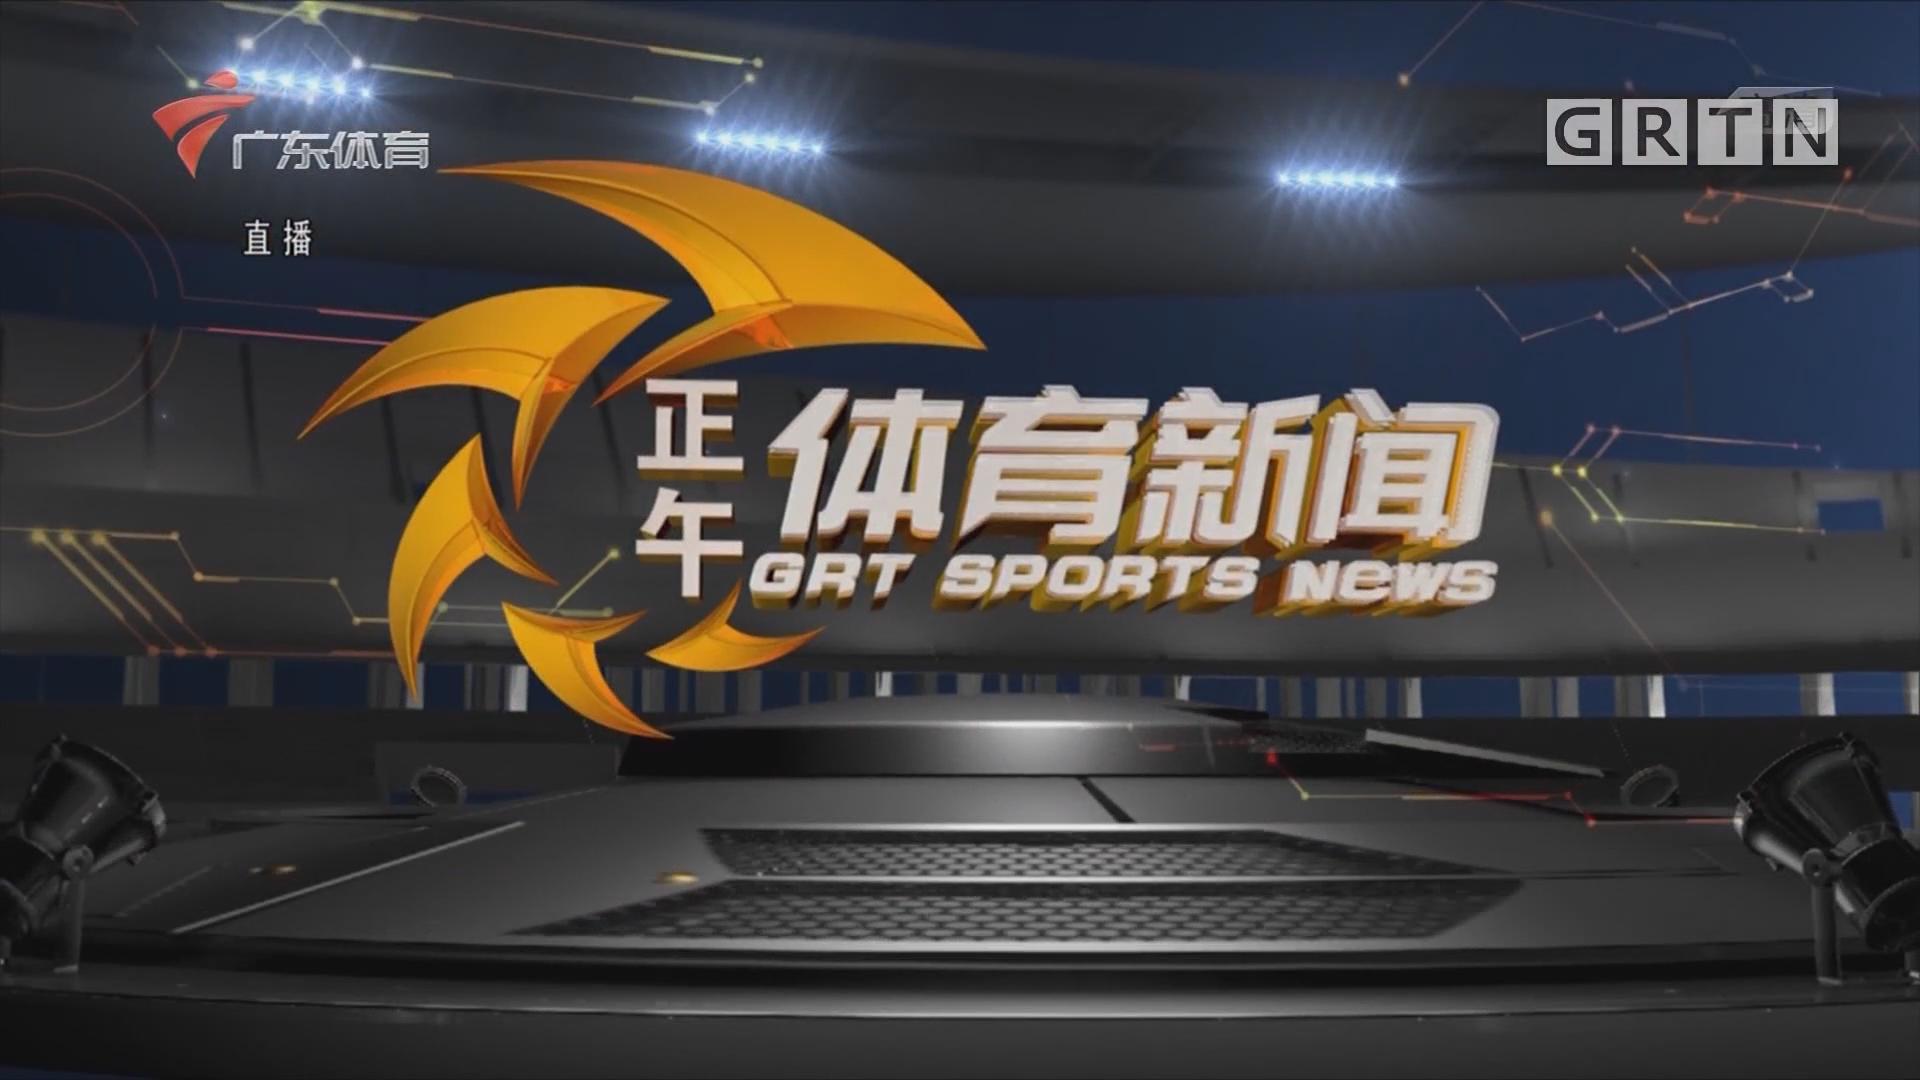 [HD][2020-02-02]正午体育新闻:女足奥预赛赛程再次调整 中国队比赛再延后一天